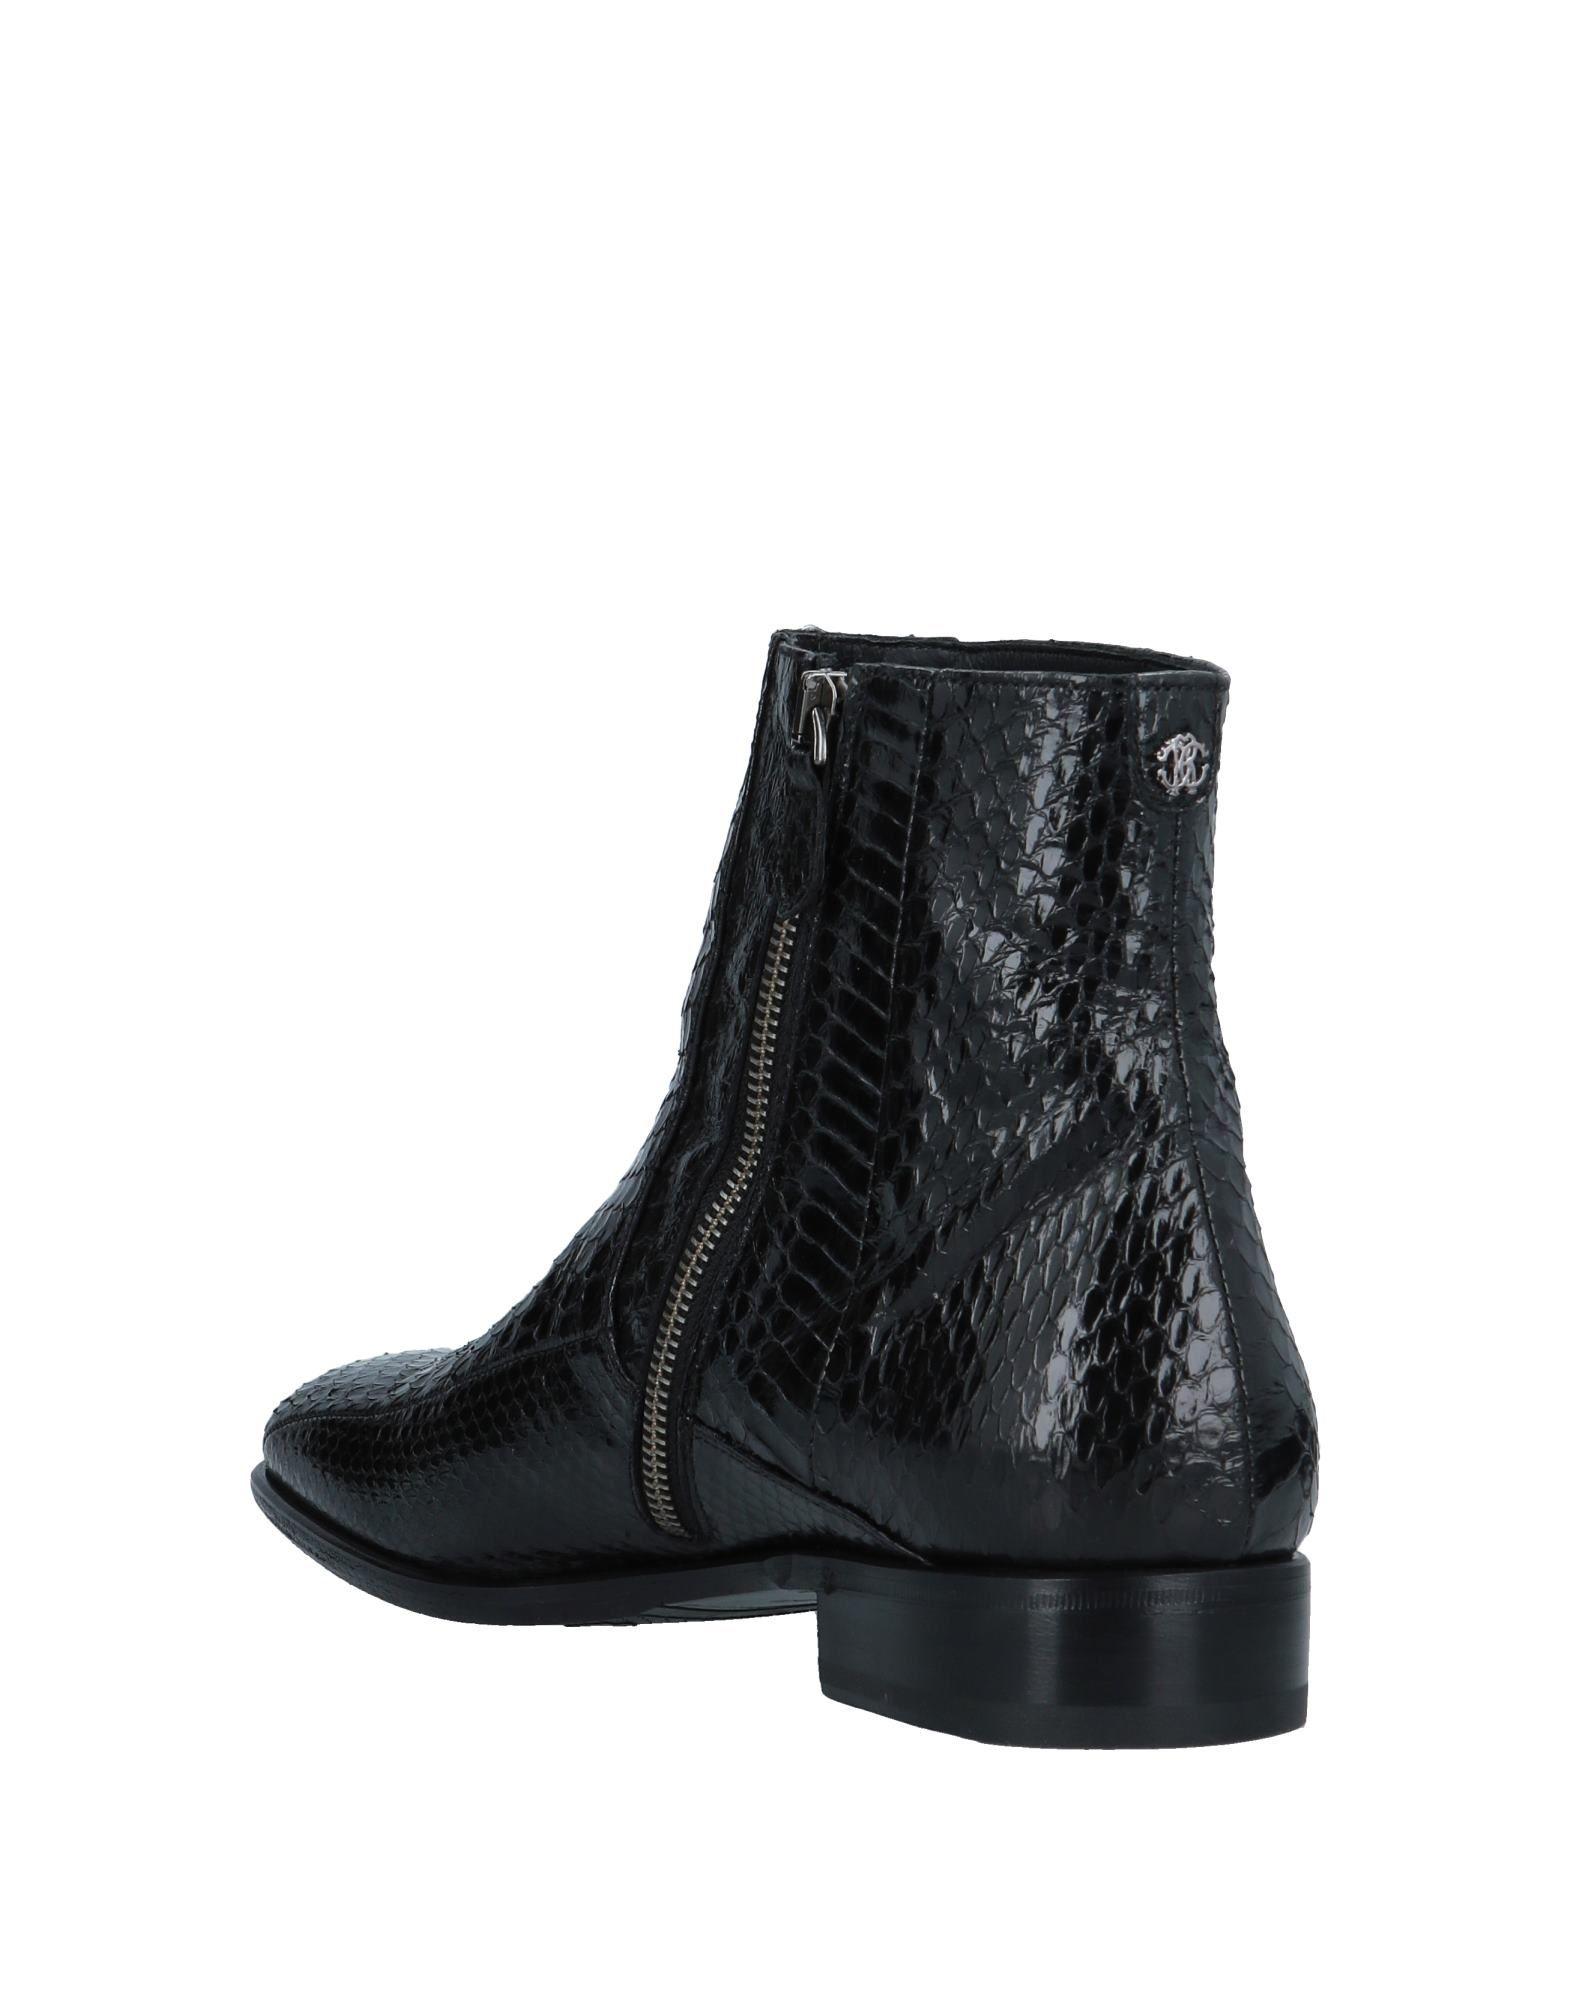 Roberto Cavalli Boots - Men Roberto Cavalli Boots online 11551017CM on  Australia - 11551017CM online a3667d